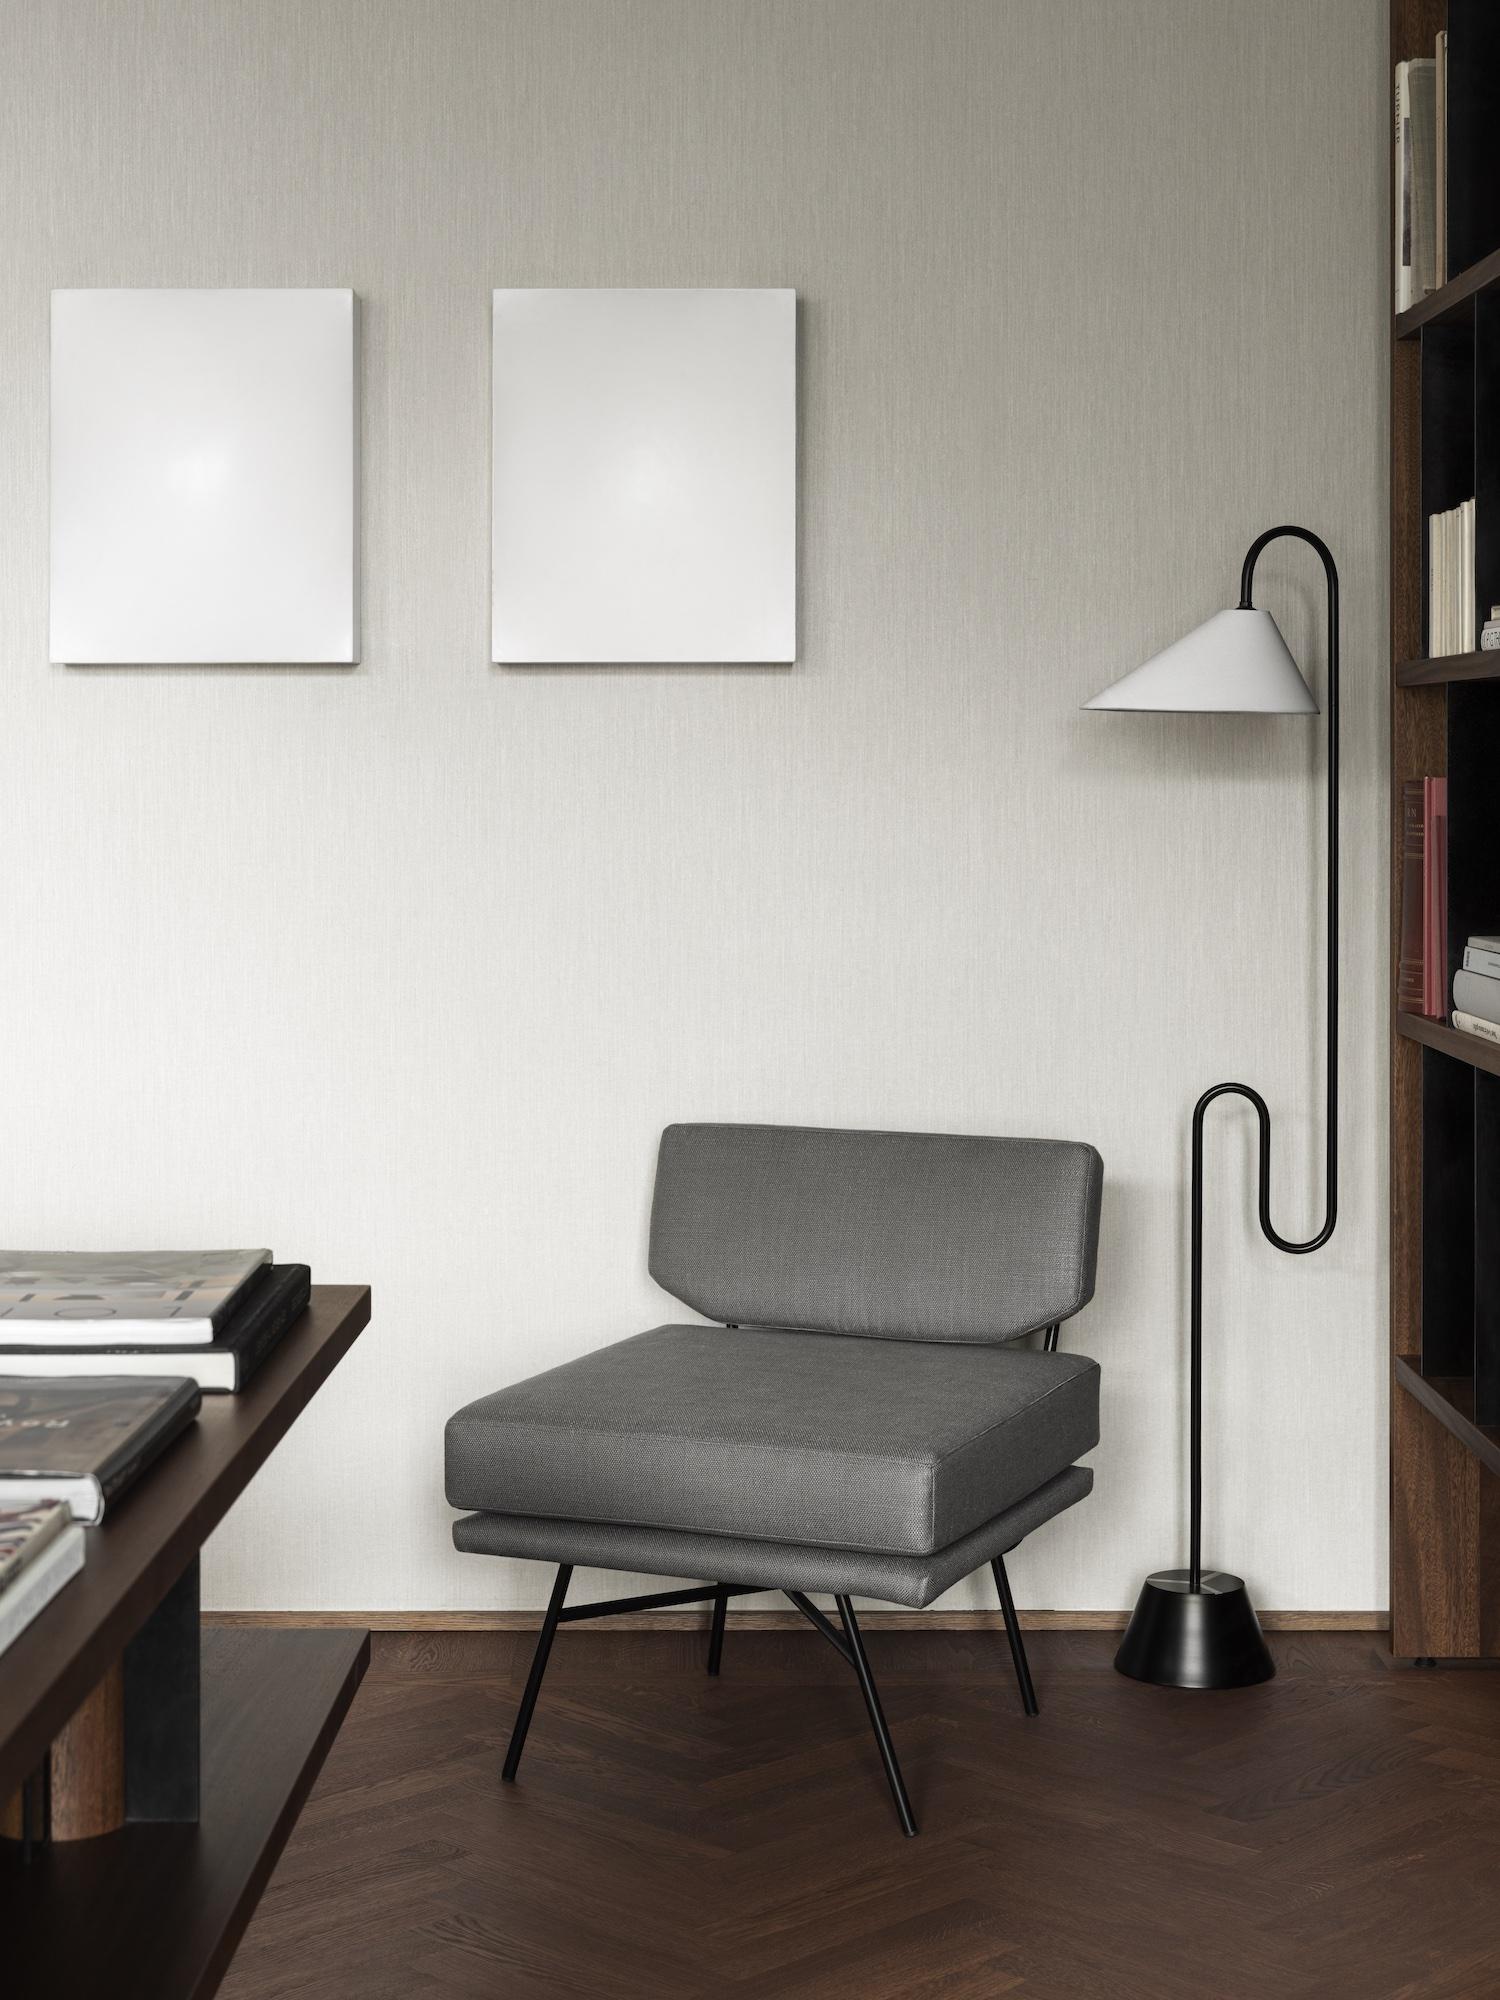 est living interview designer louise liljencrantz 5